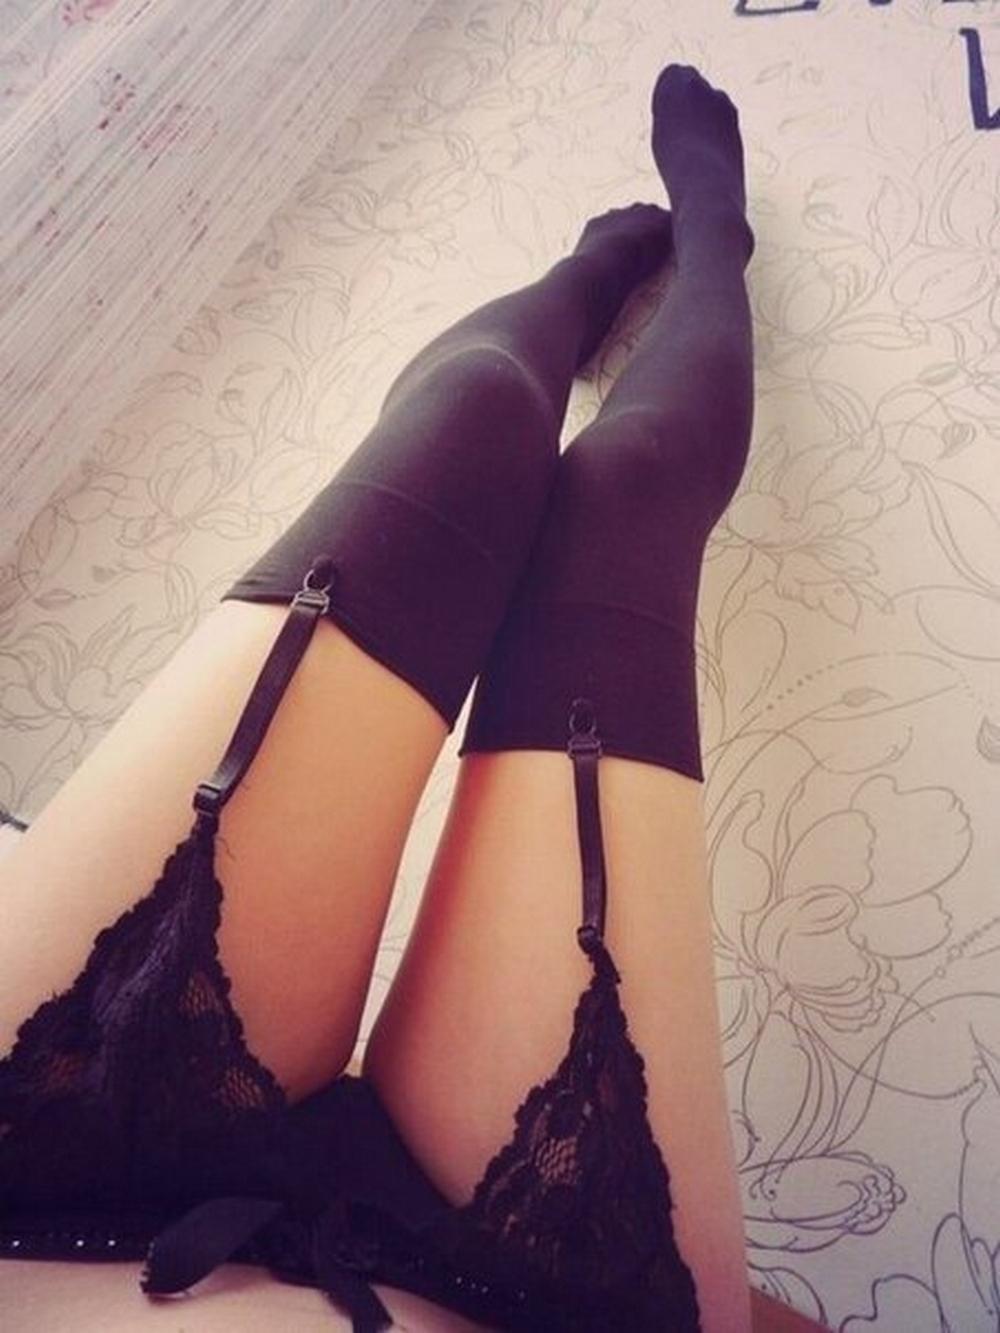 Женские трусики и стройные ножки с видом от первого лица 14 фото